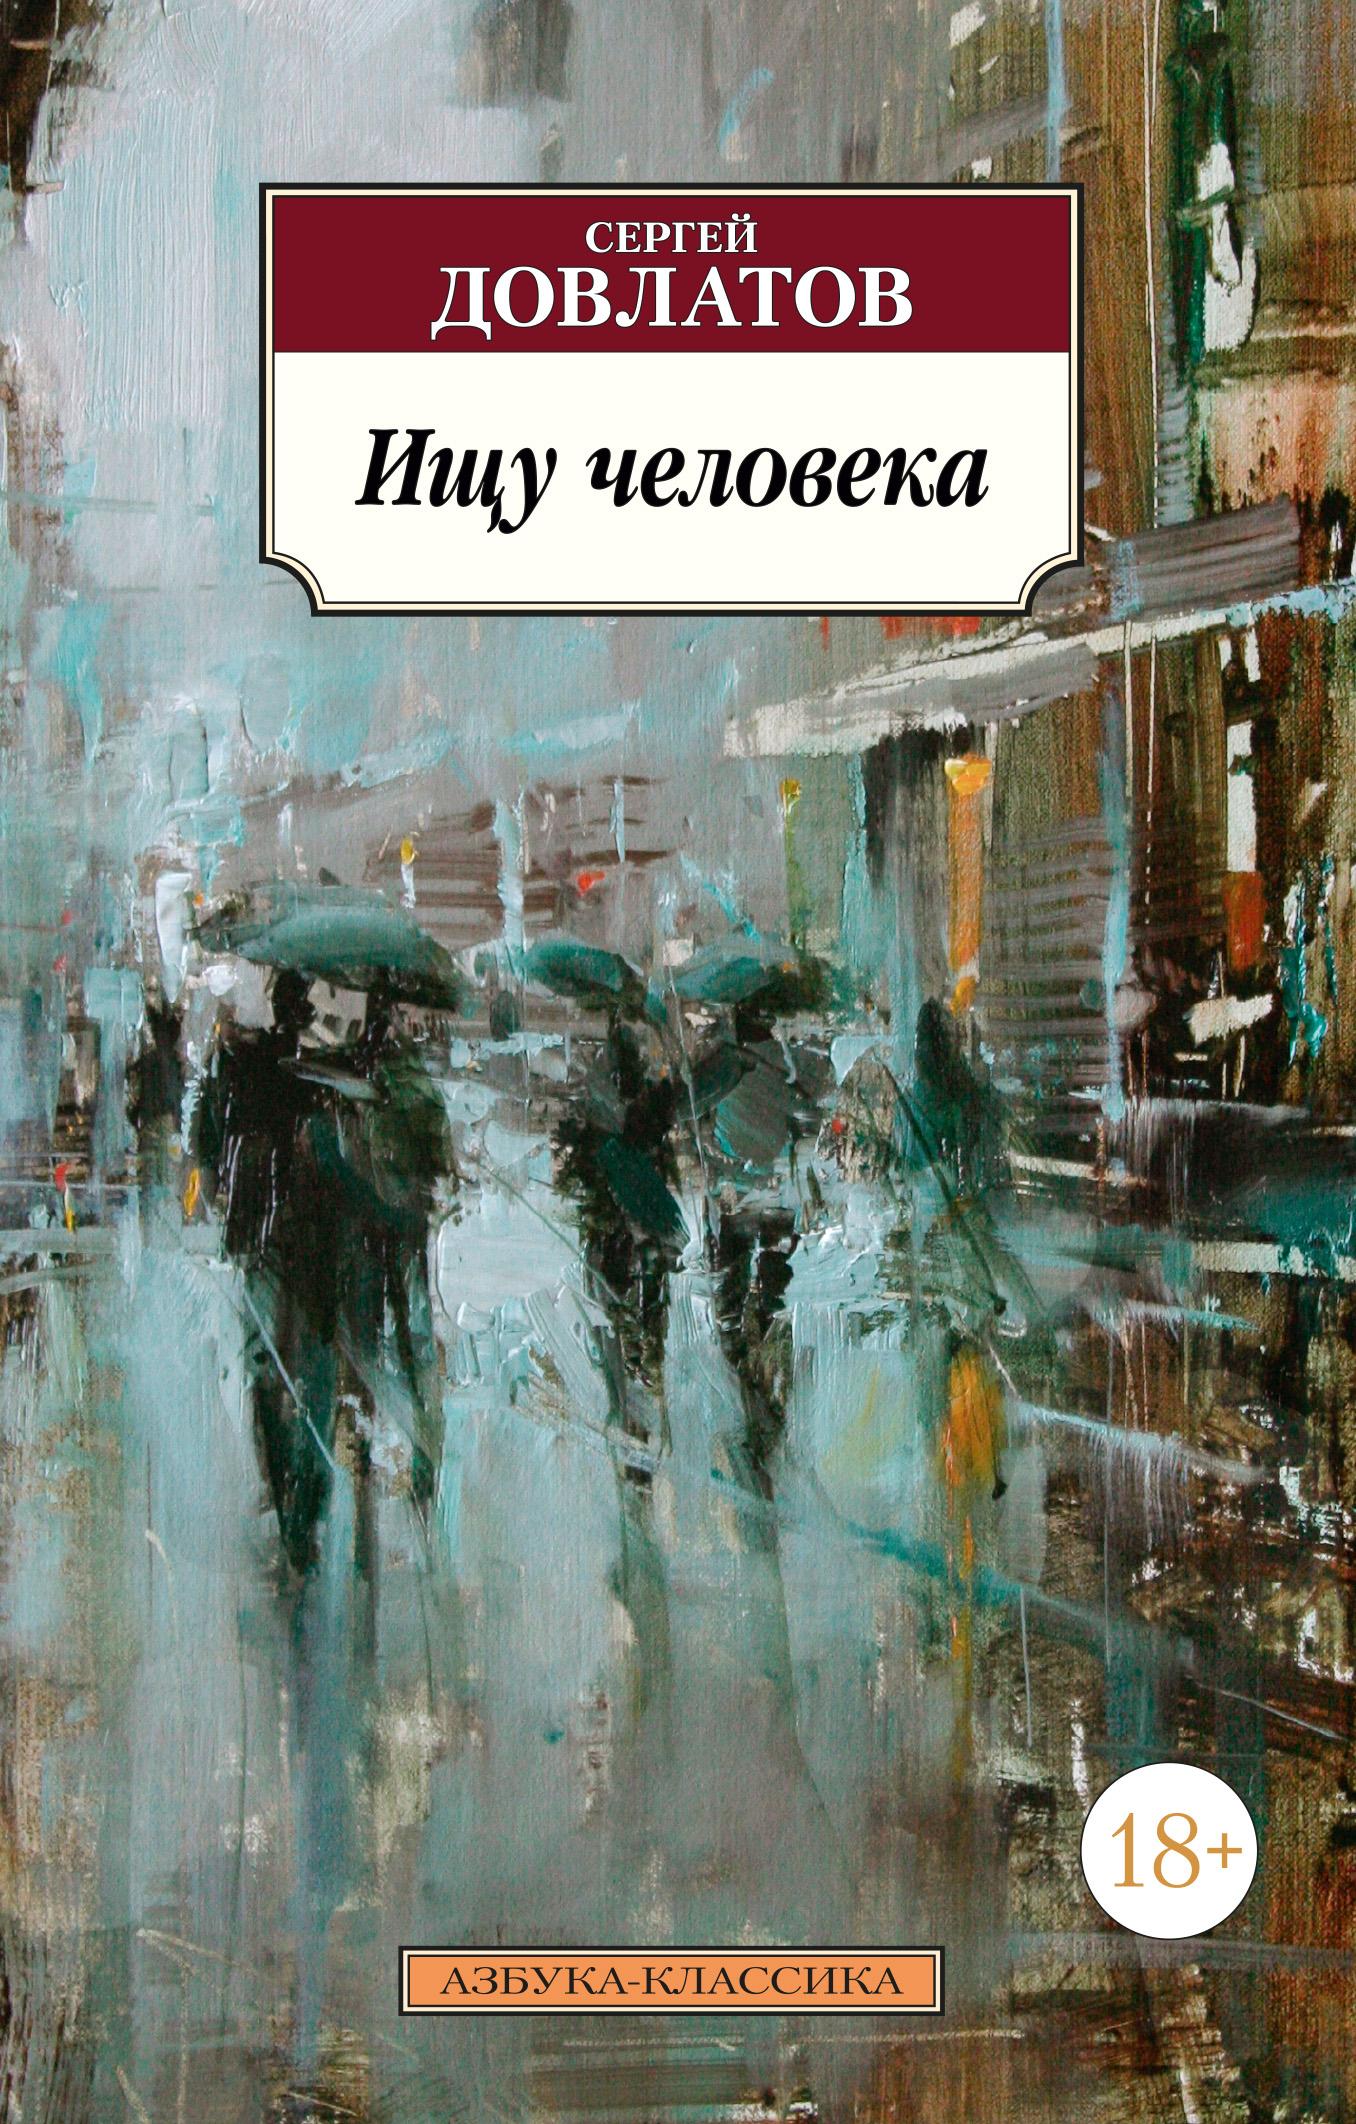 Сергей Довлатов Ищу человека (сборник) тахирова м ищу мужа русских не предлагать